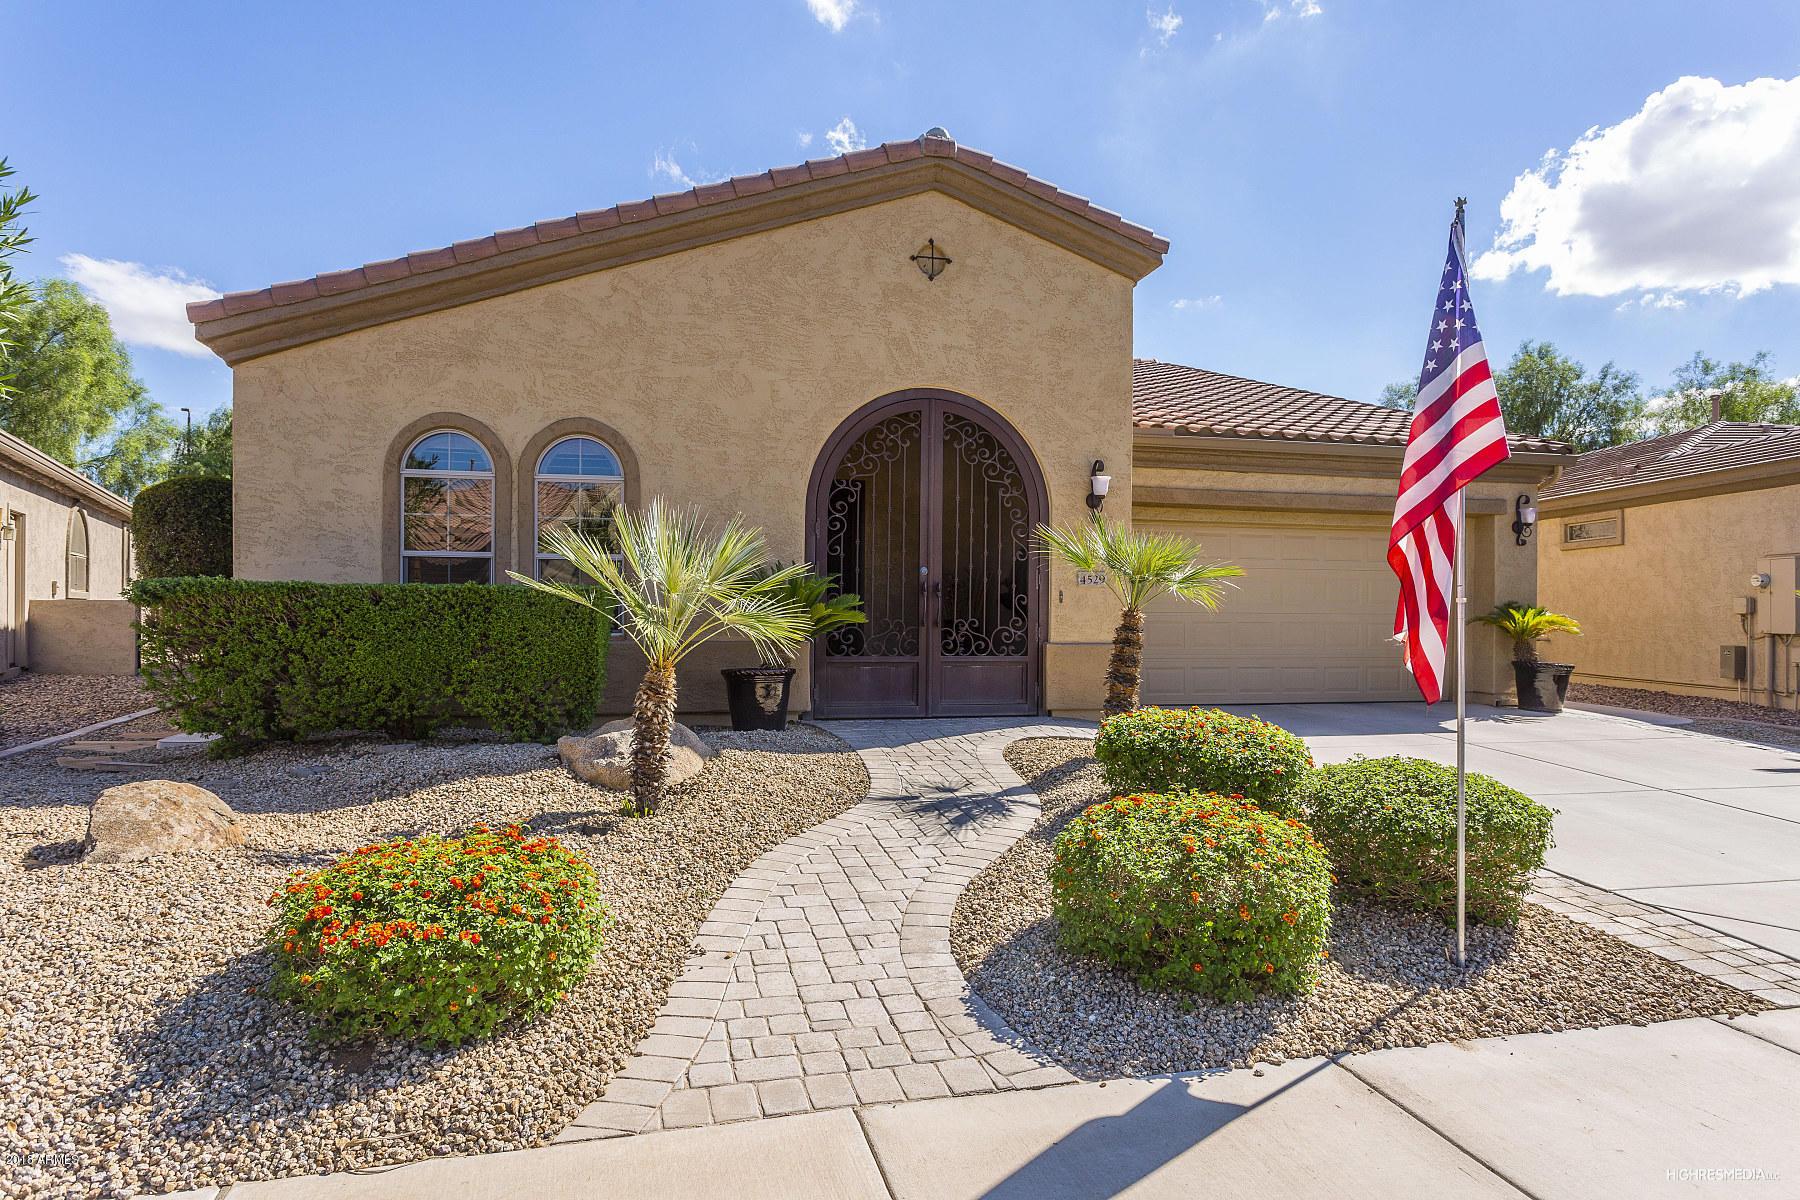 Photo for 4529 E Blue Spruce Lane E, Gilbert, AZ 85298 (MLS # 5845900)